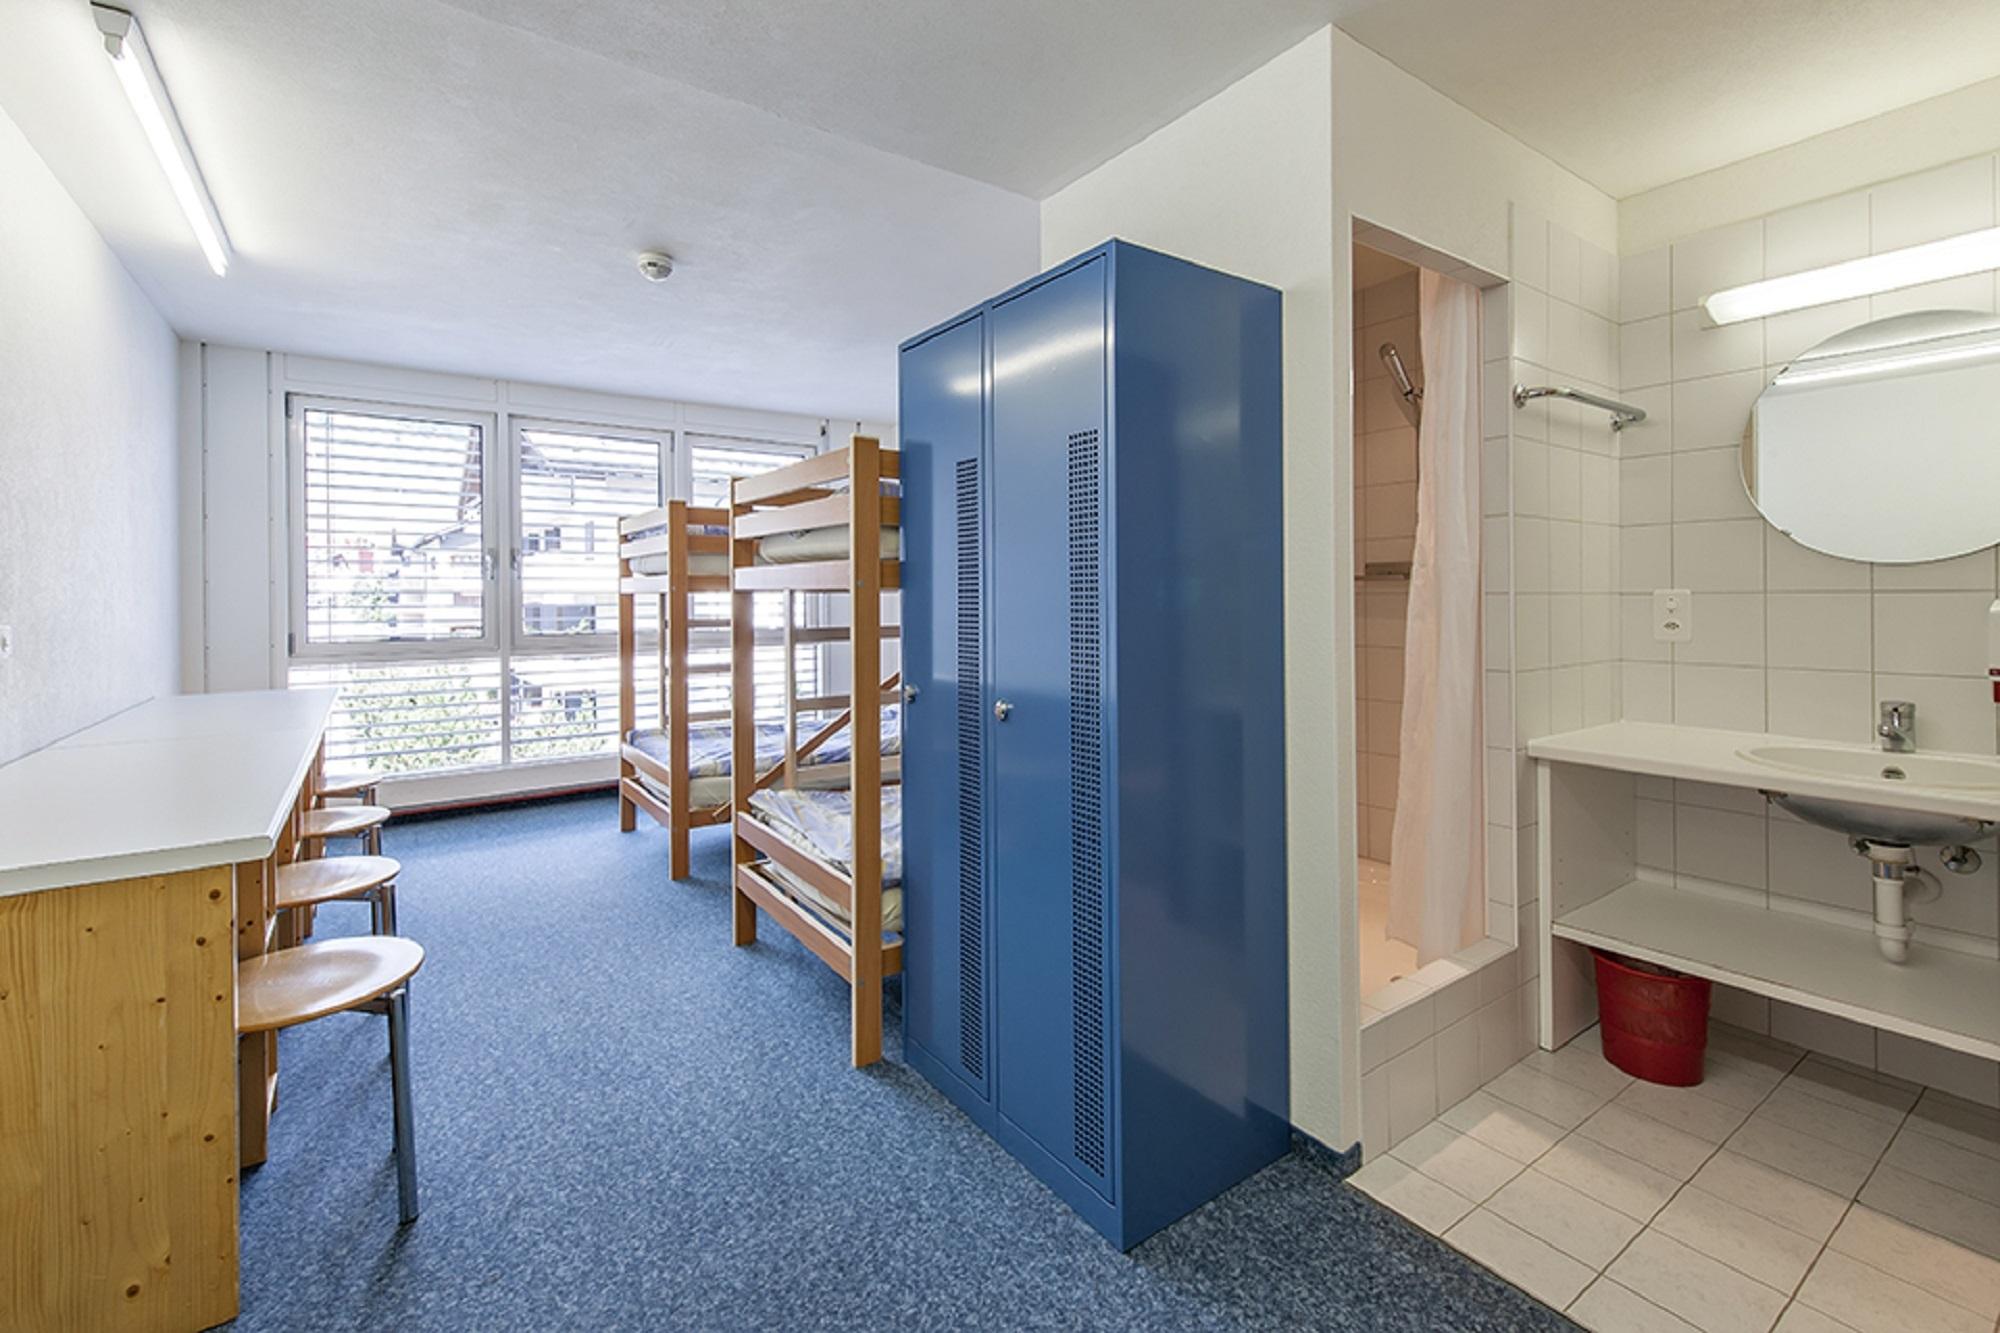 All In One Hotel Inn Lodge Slide 2